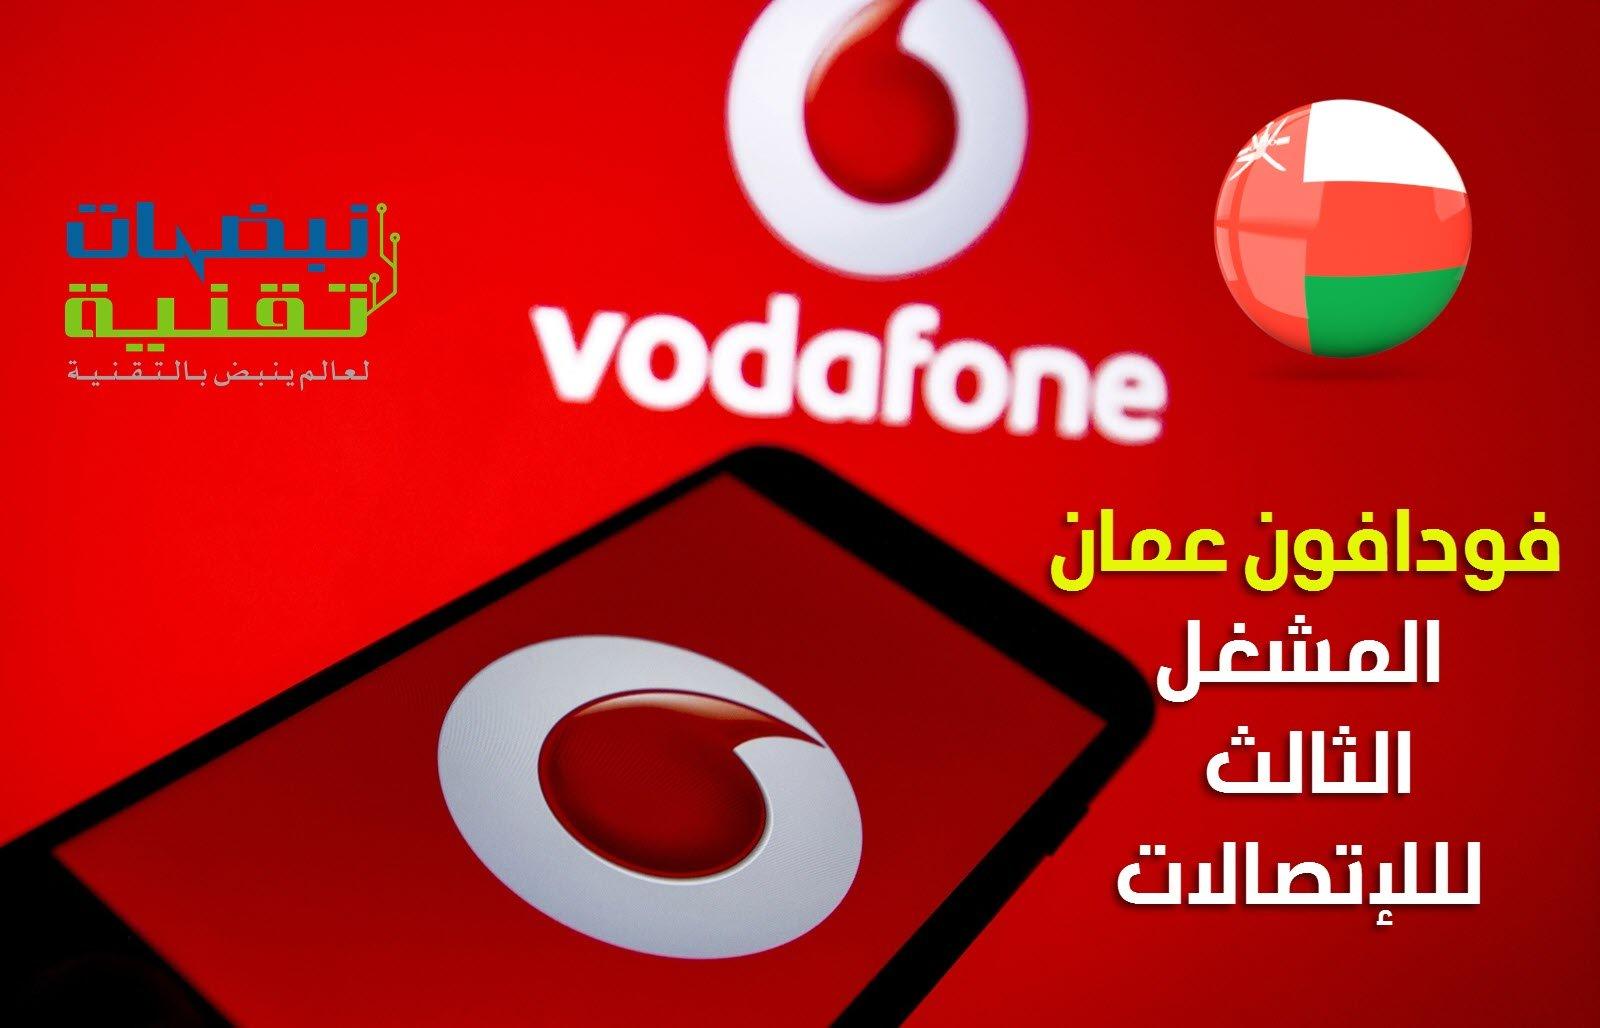 فودافون عمان